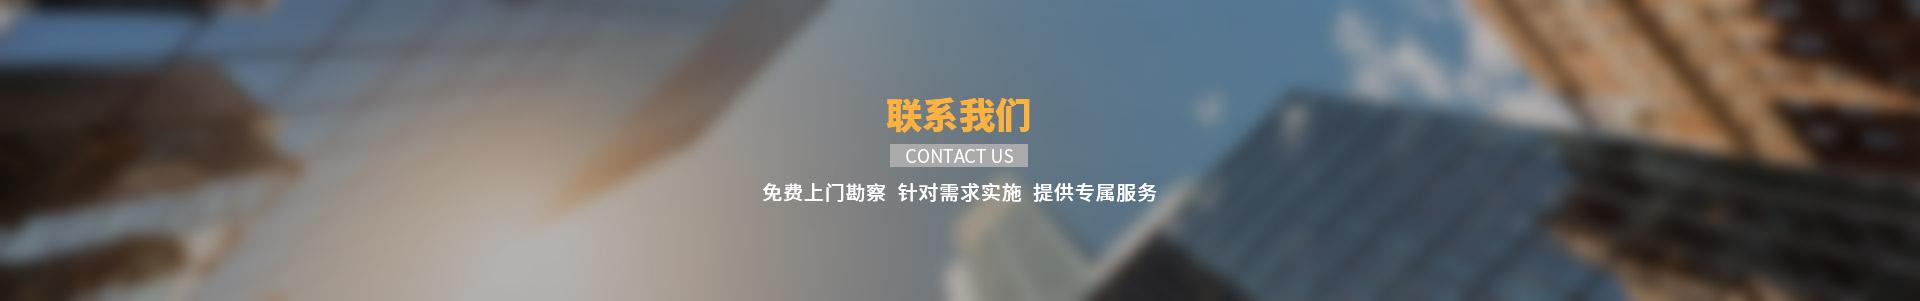 联系我们-免费上门勘察,针对需求实施,提供专属服务